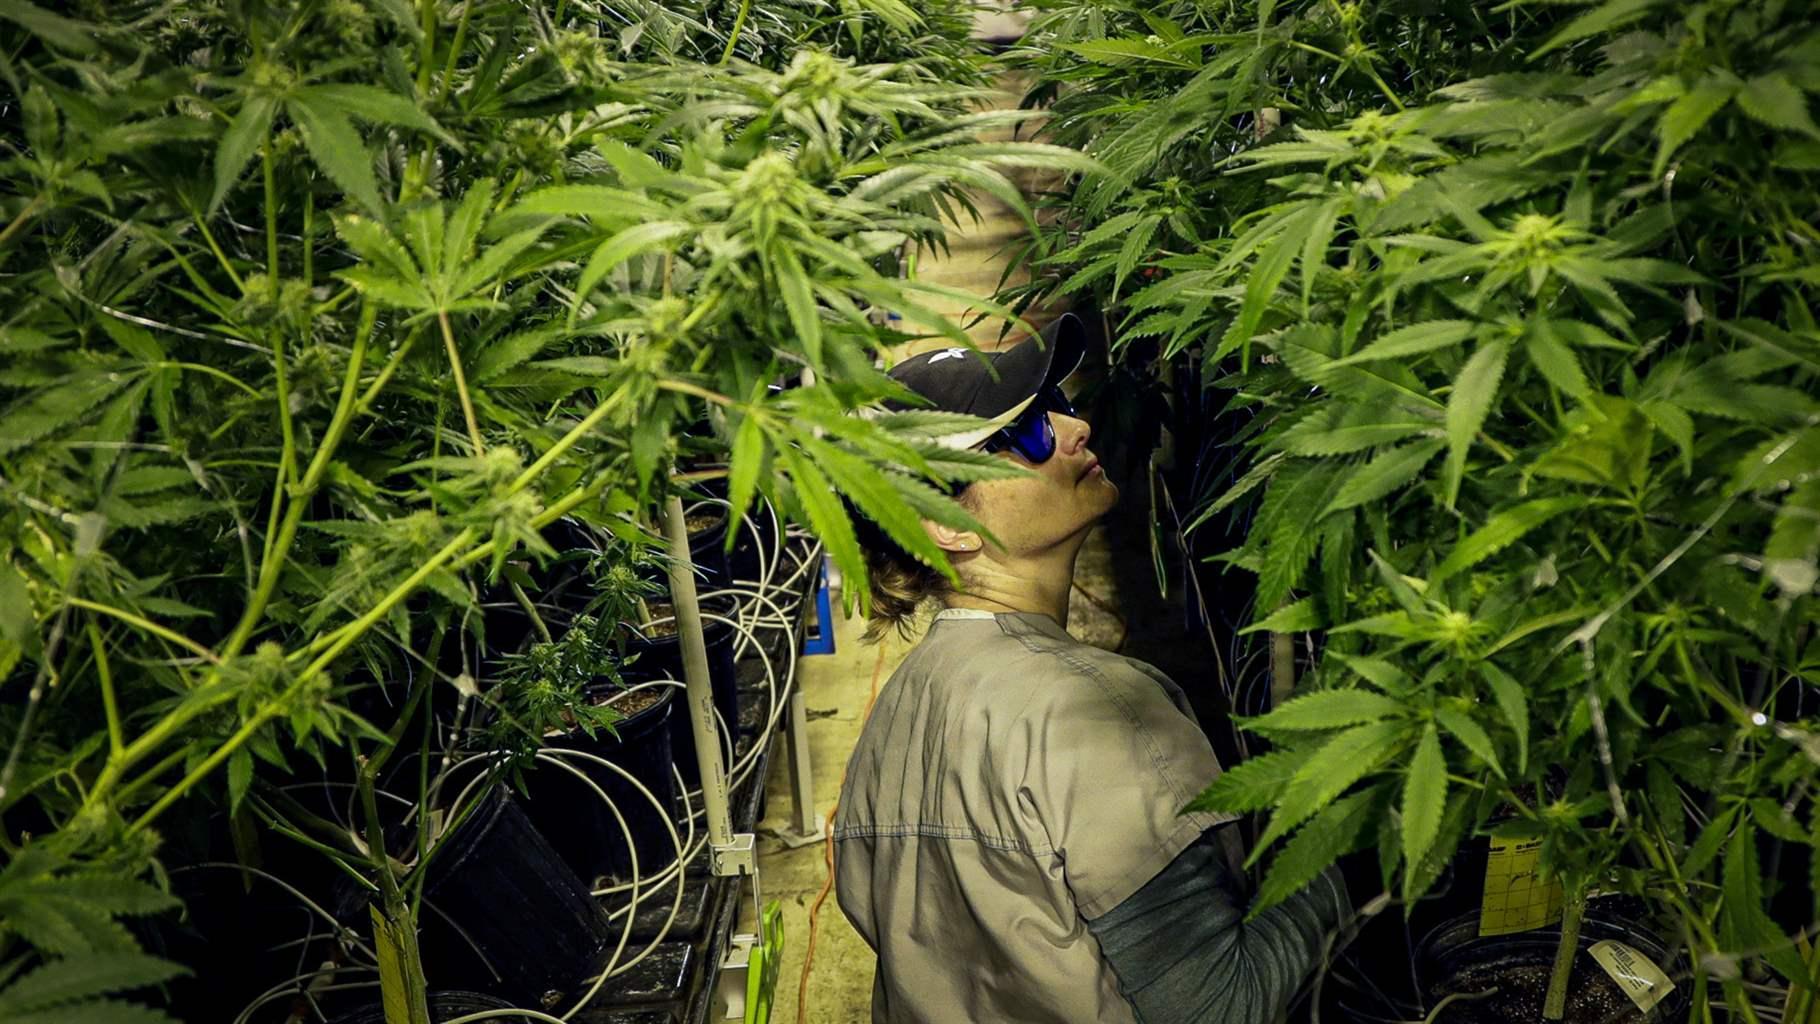 Virginia Weed Businesses